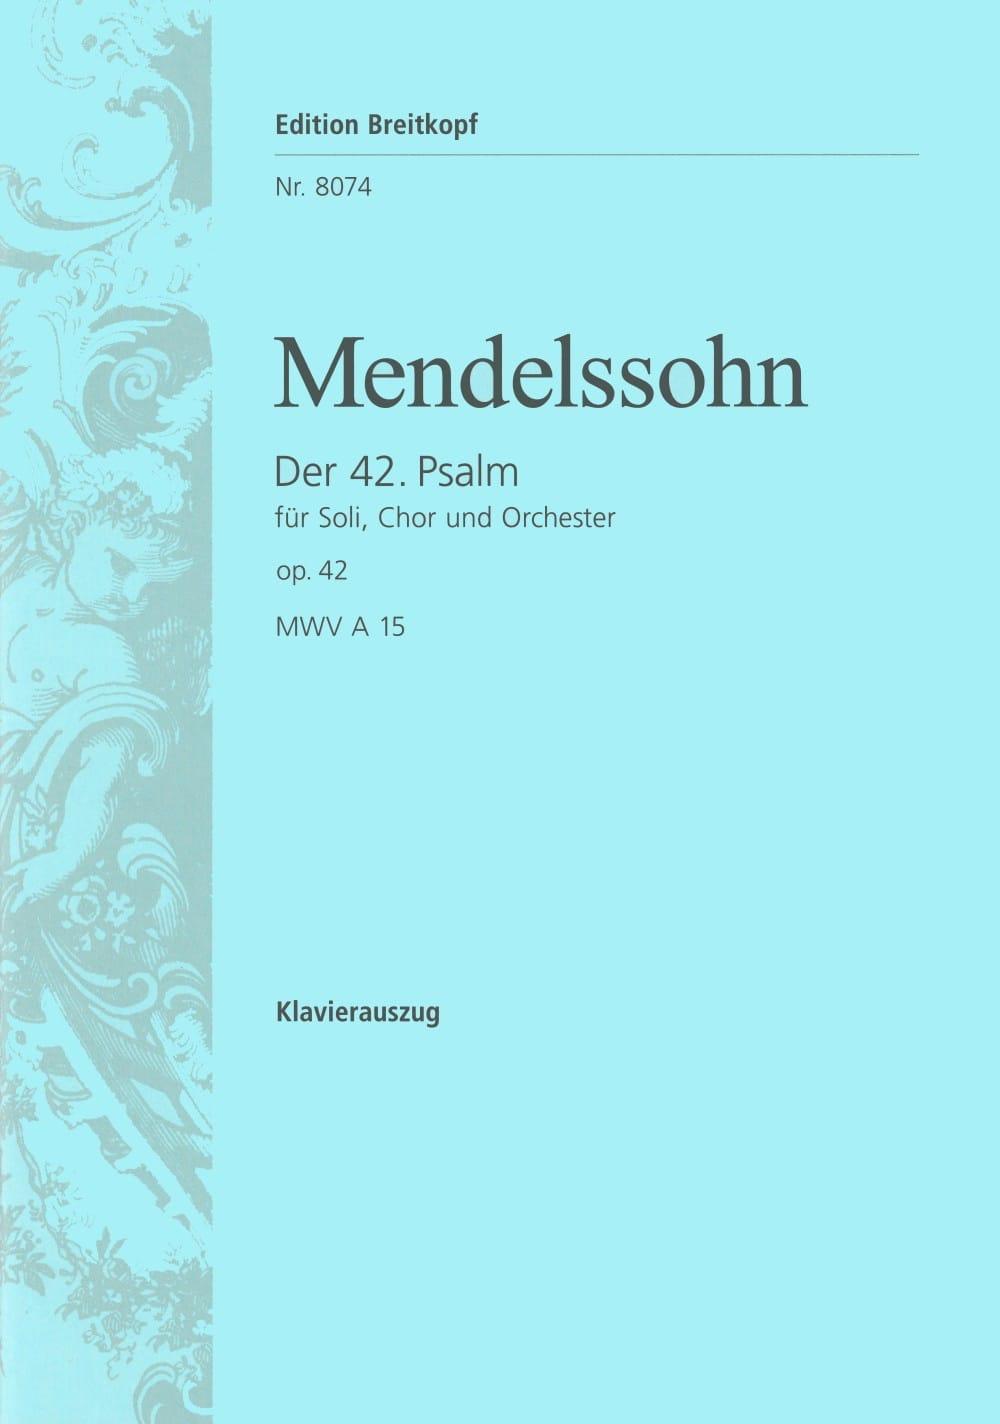 MENDELSSOHN - Der 42. Psalm. Wie Der Hirsch Schreit - Partition - di-arezzo.com